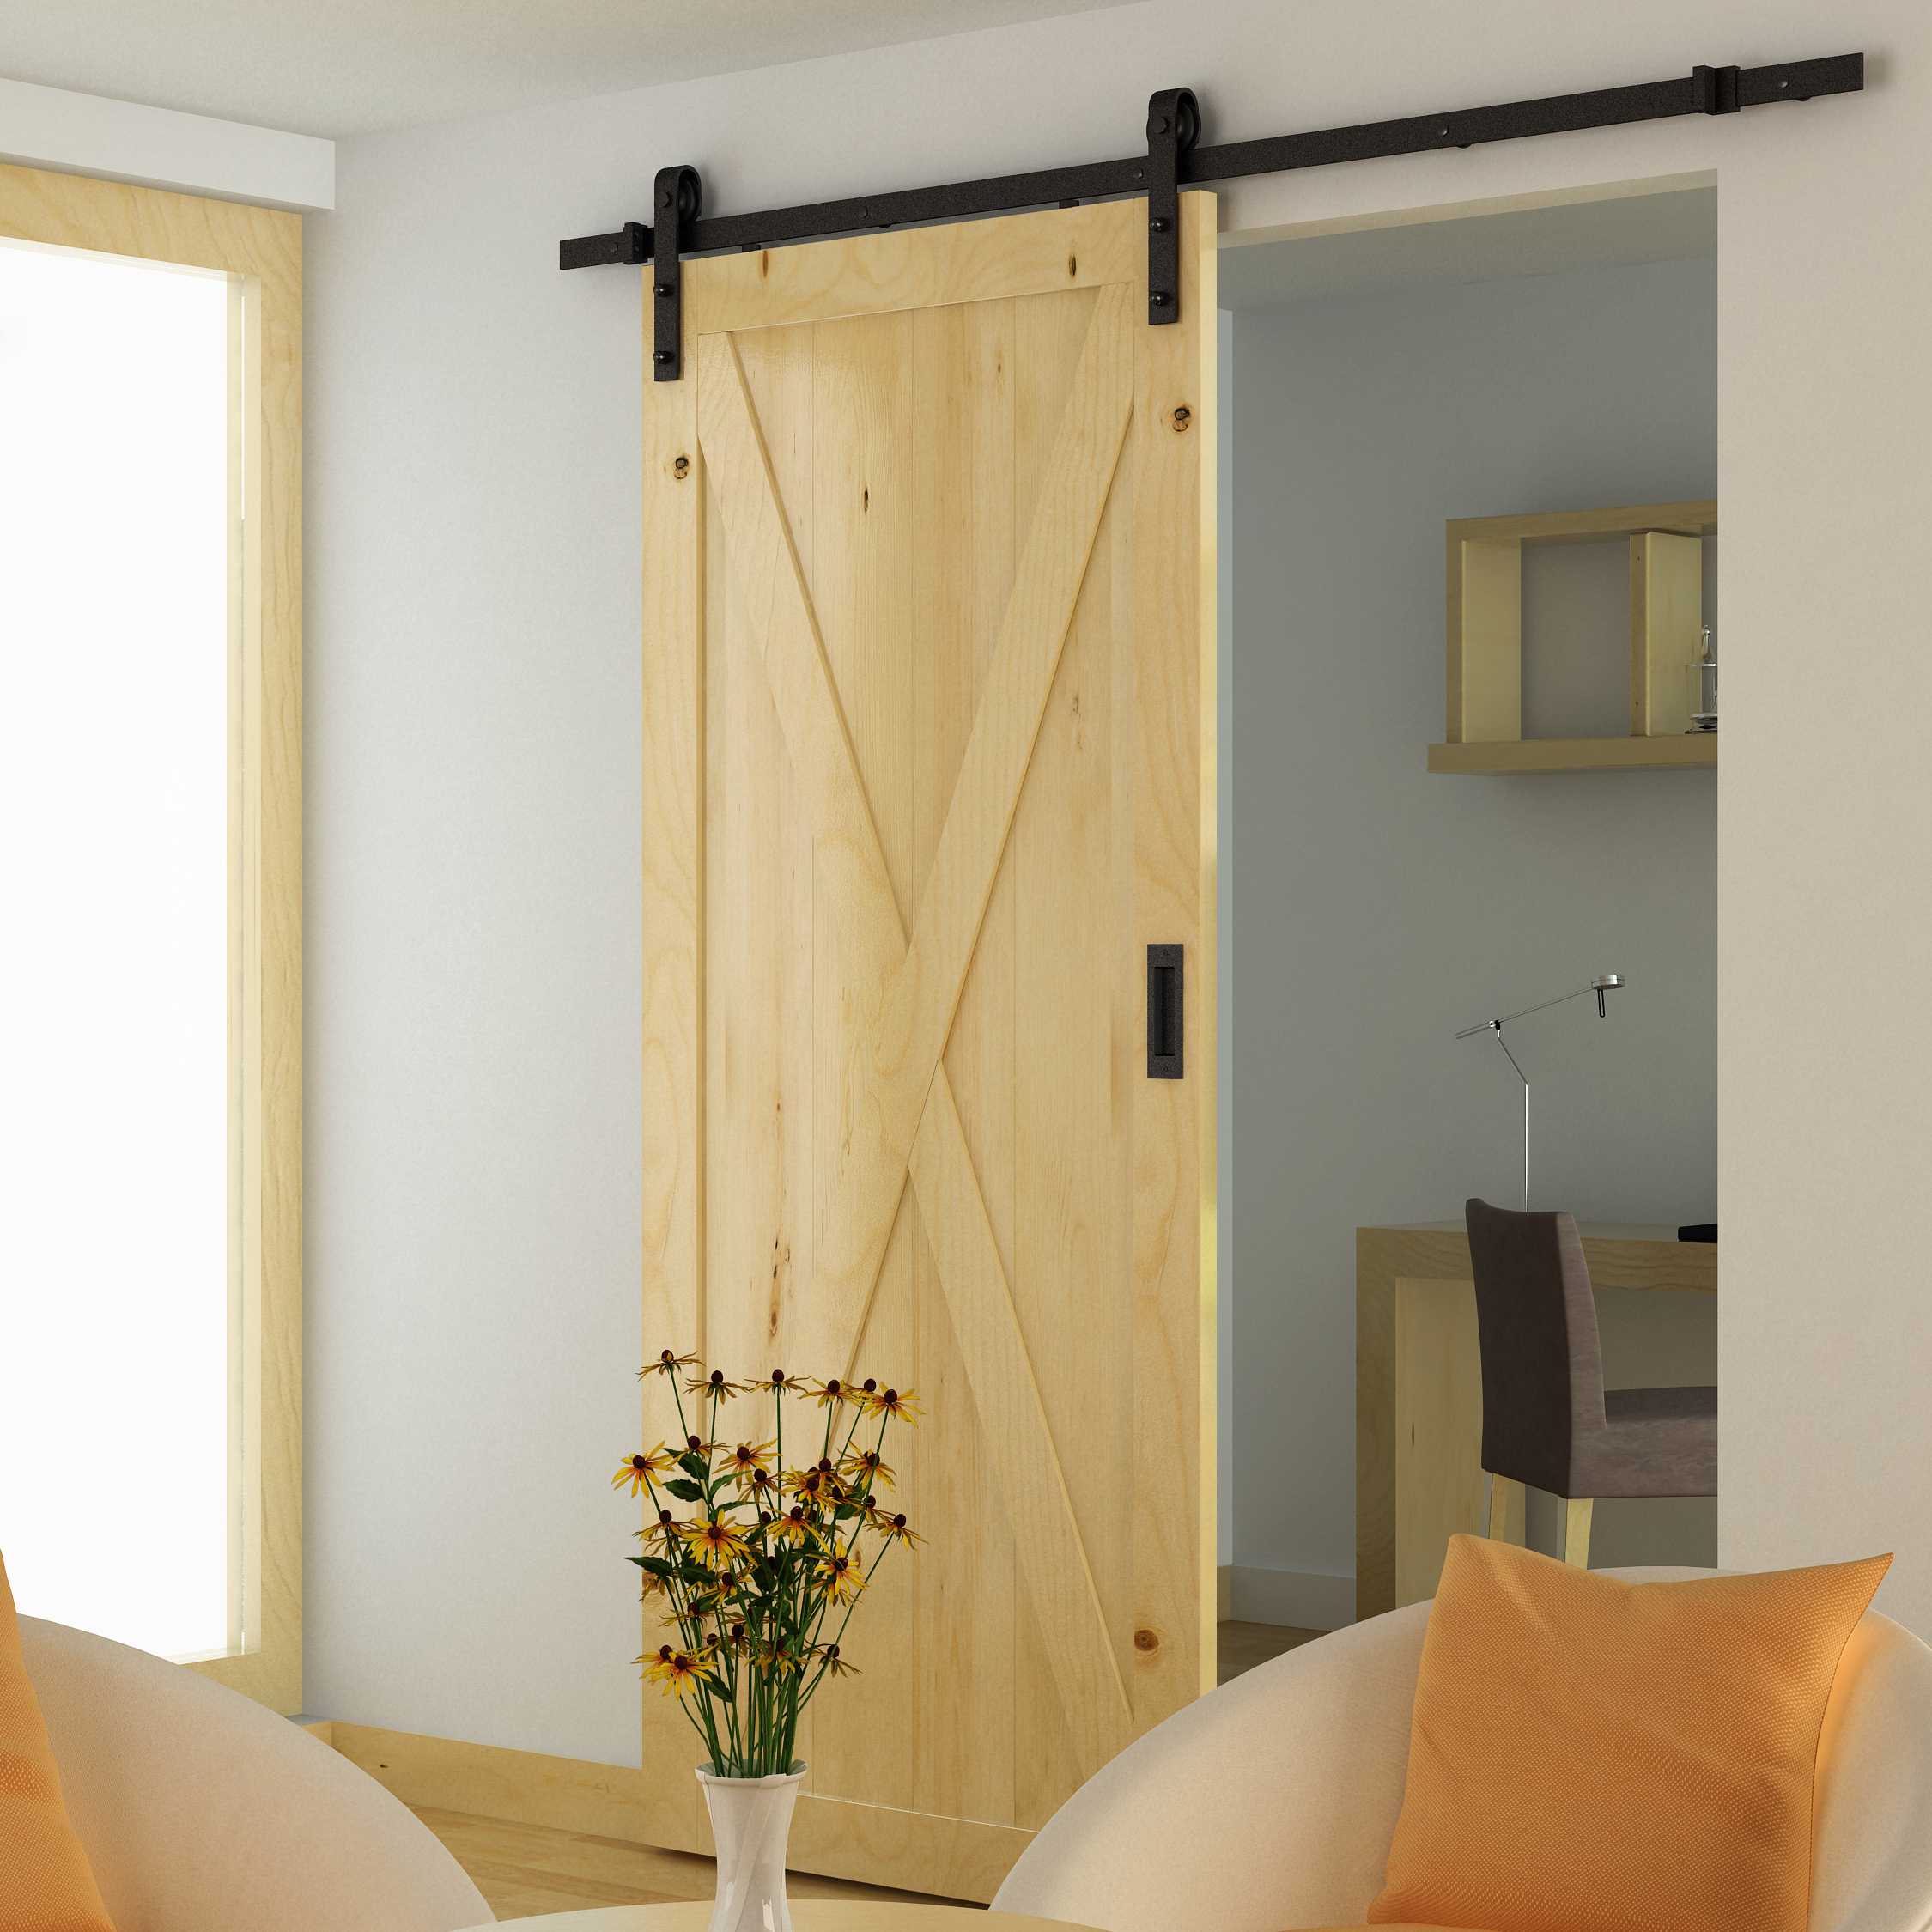 X Brace Interior Sliding Barn Door Wooden Single Door